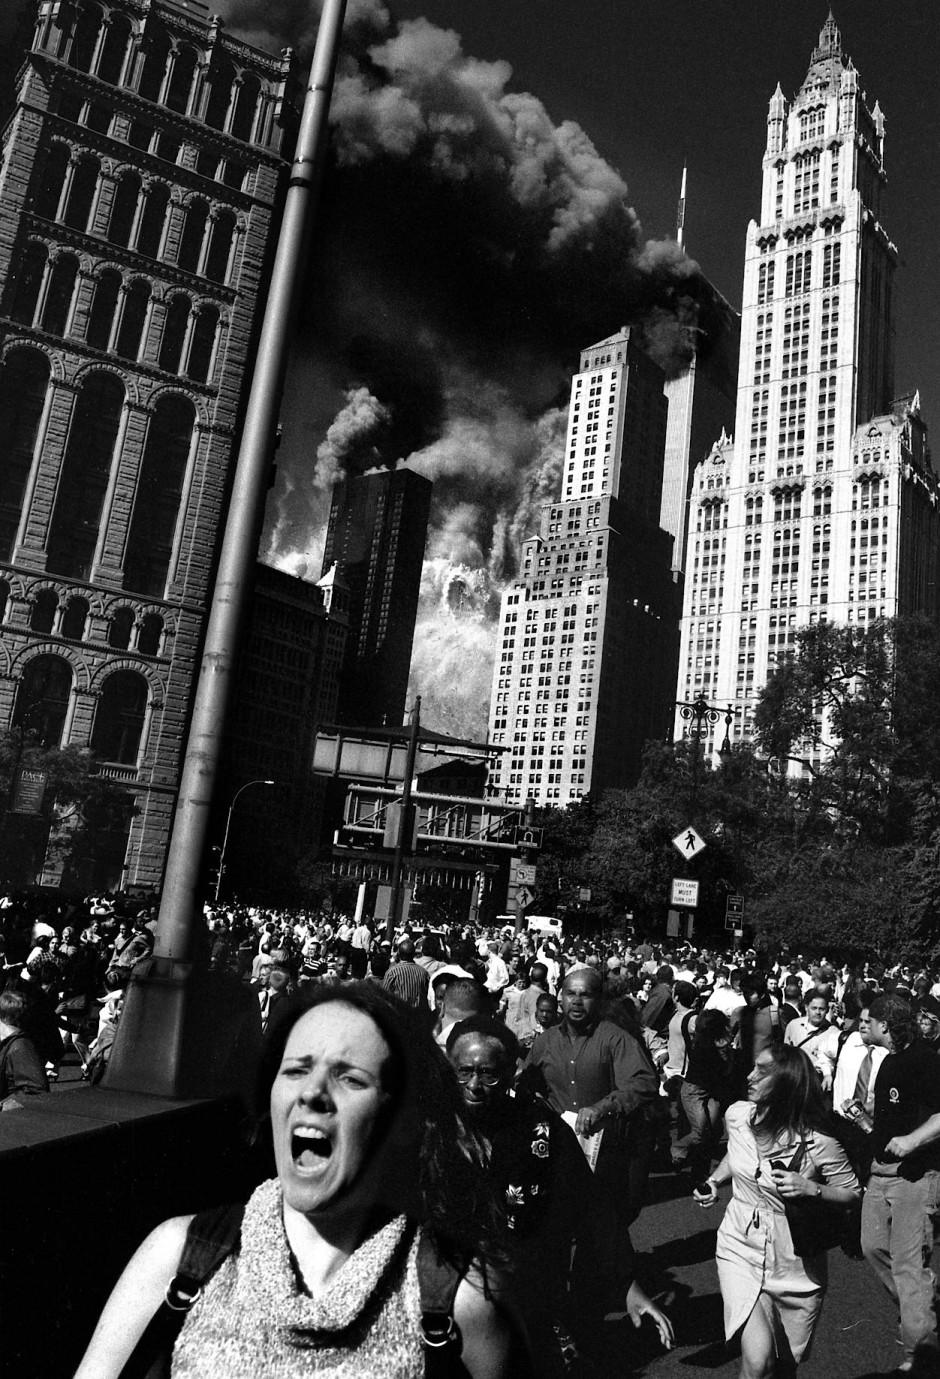 """Auch diese junge Frau läuft schockiert der Katastrophe davon. Just als sie an Fotograf Helmut Fricke vorbeiläuft, schreit sie vor Entsetzen auf. Das ikonische Foto erinnert entfernt an das Edvard-Munch-Gemälde """"Der Schrei""""."""